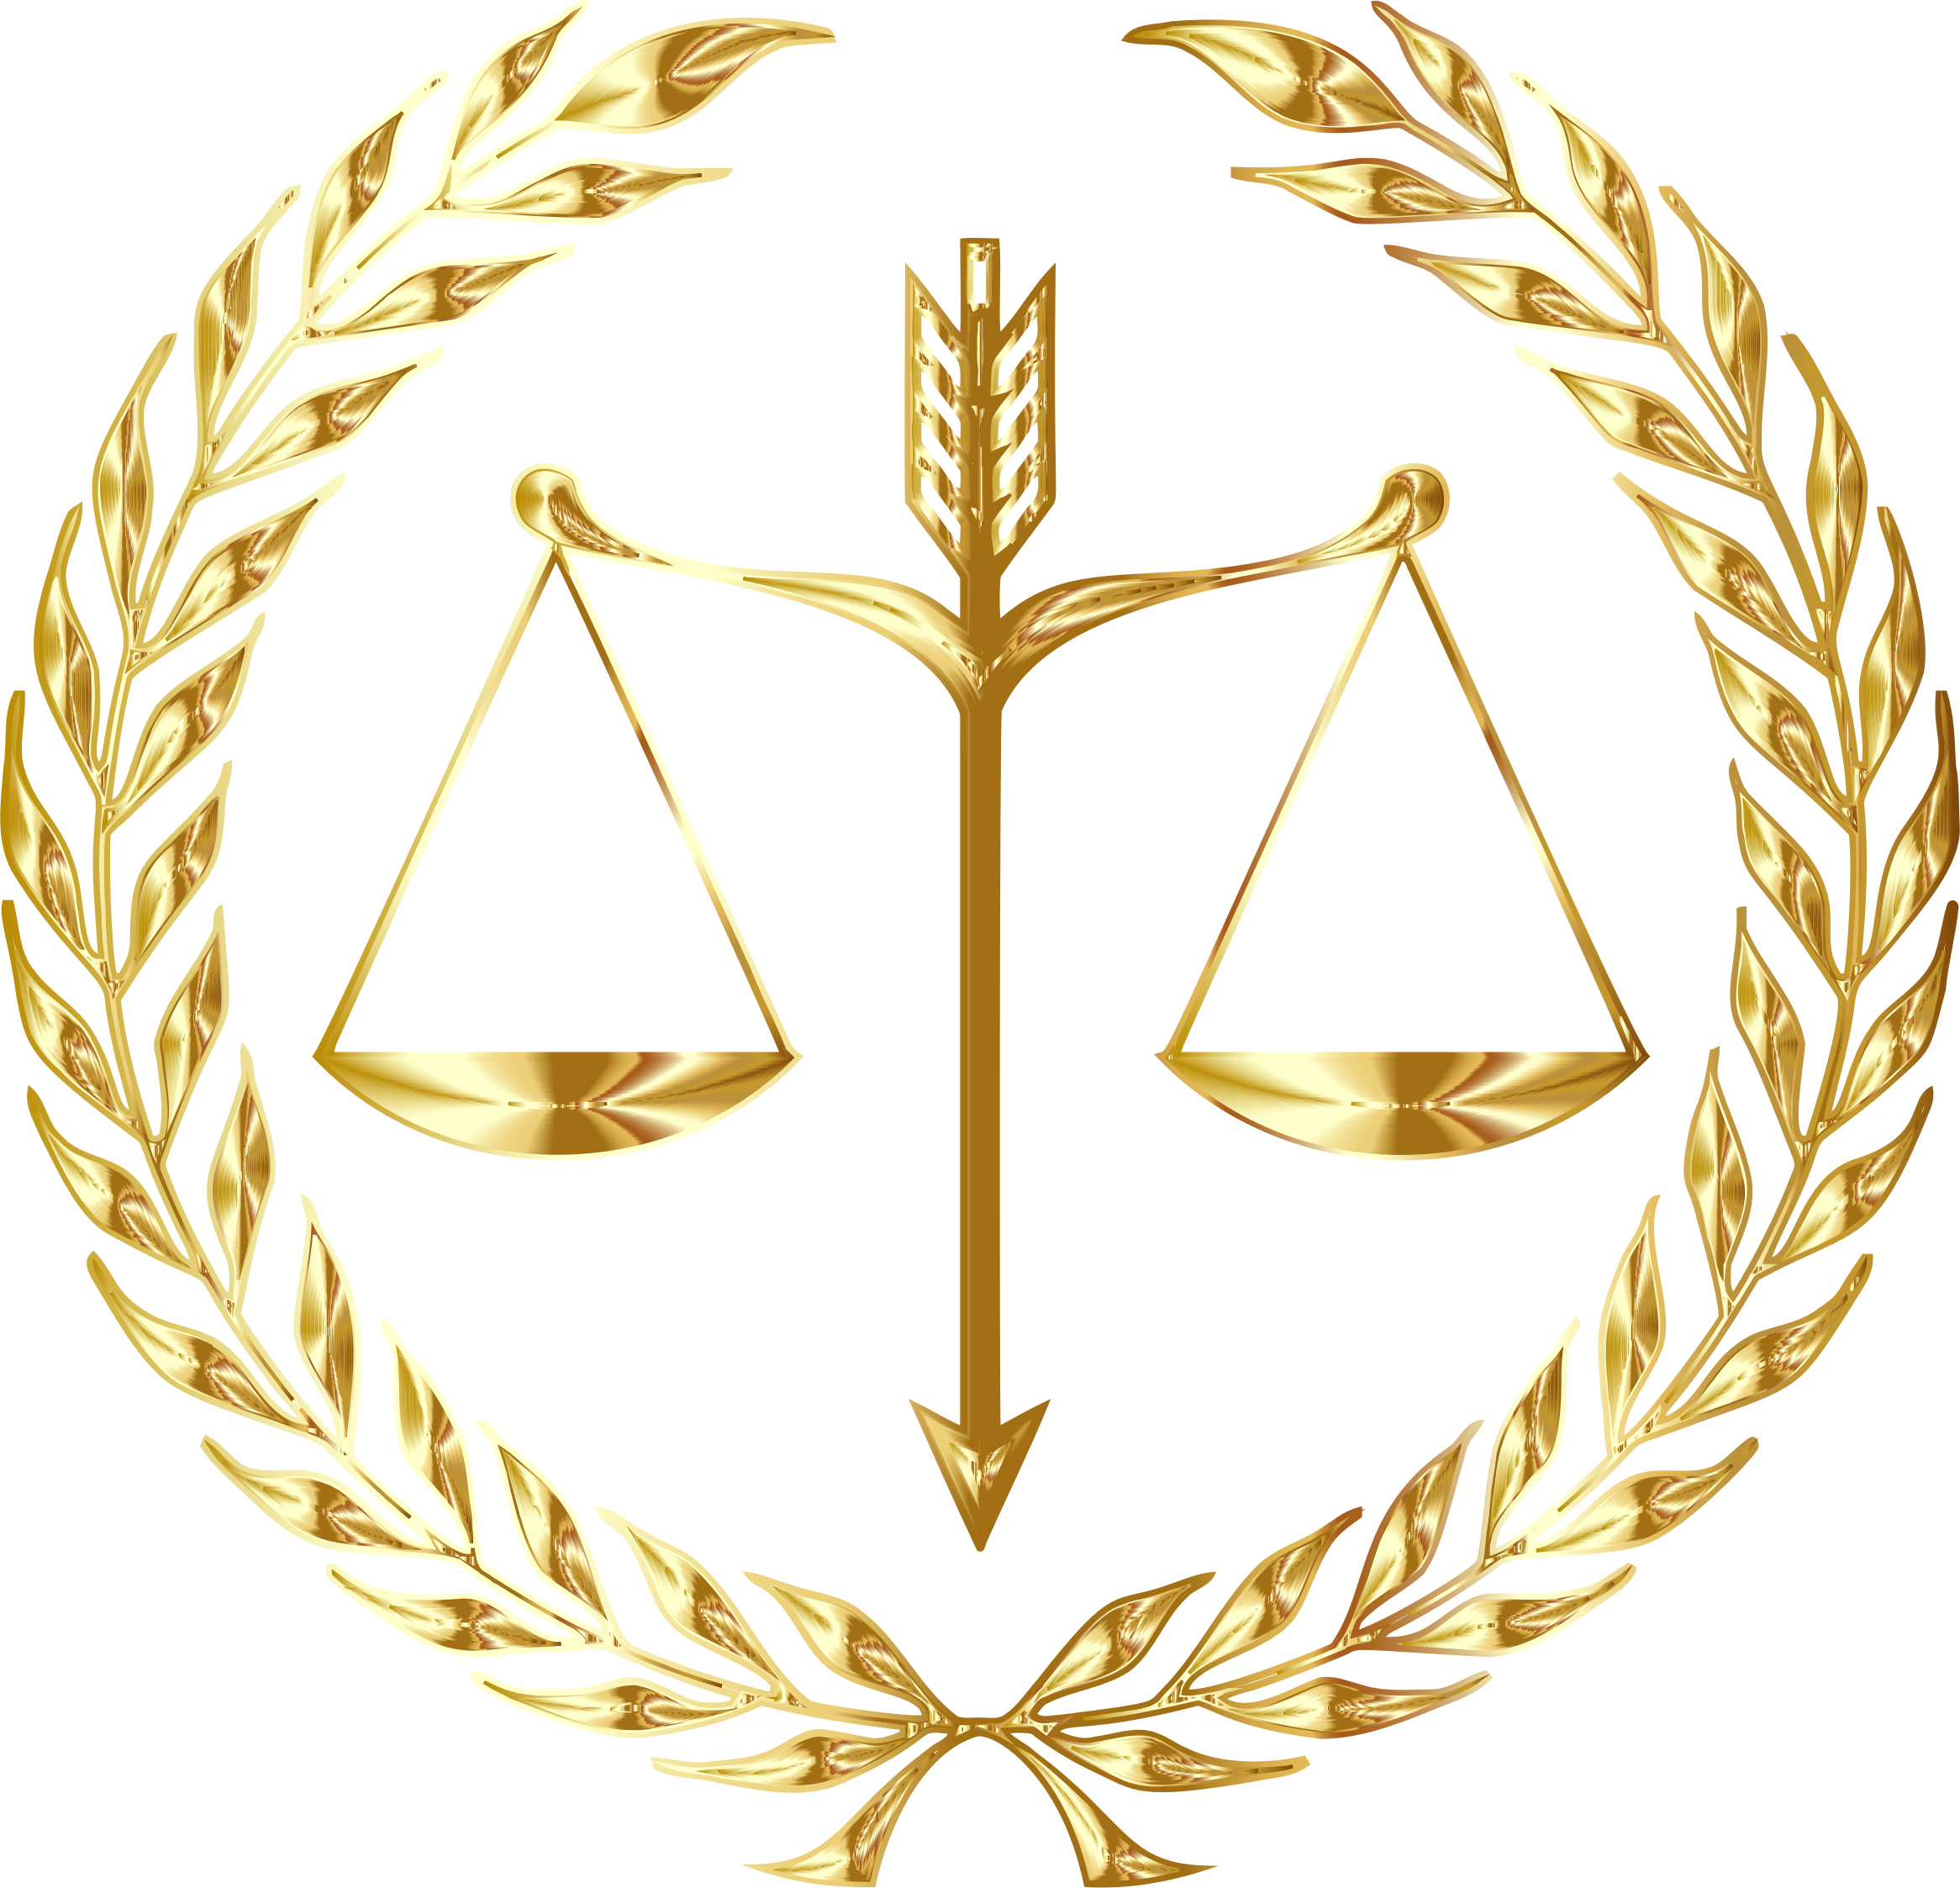 какие доказательства эмблема юристов картинки силы